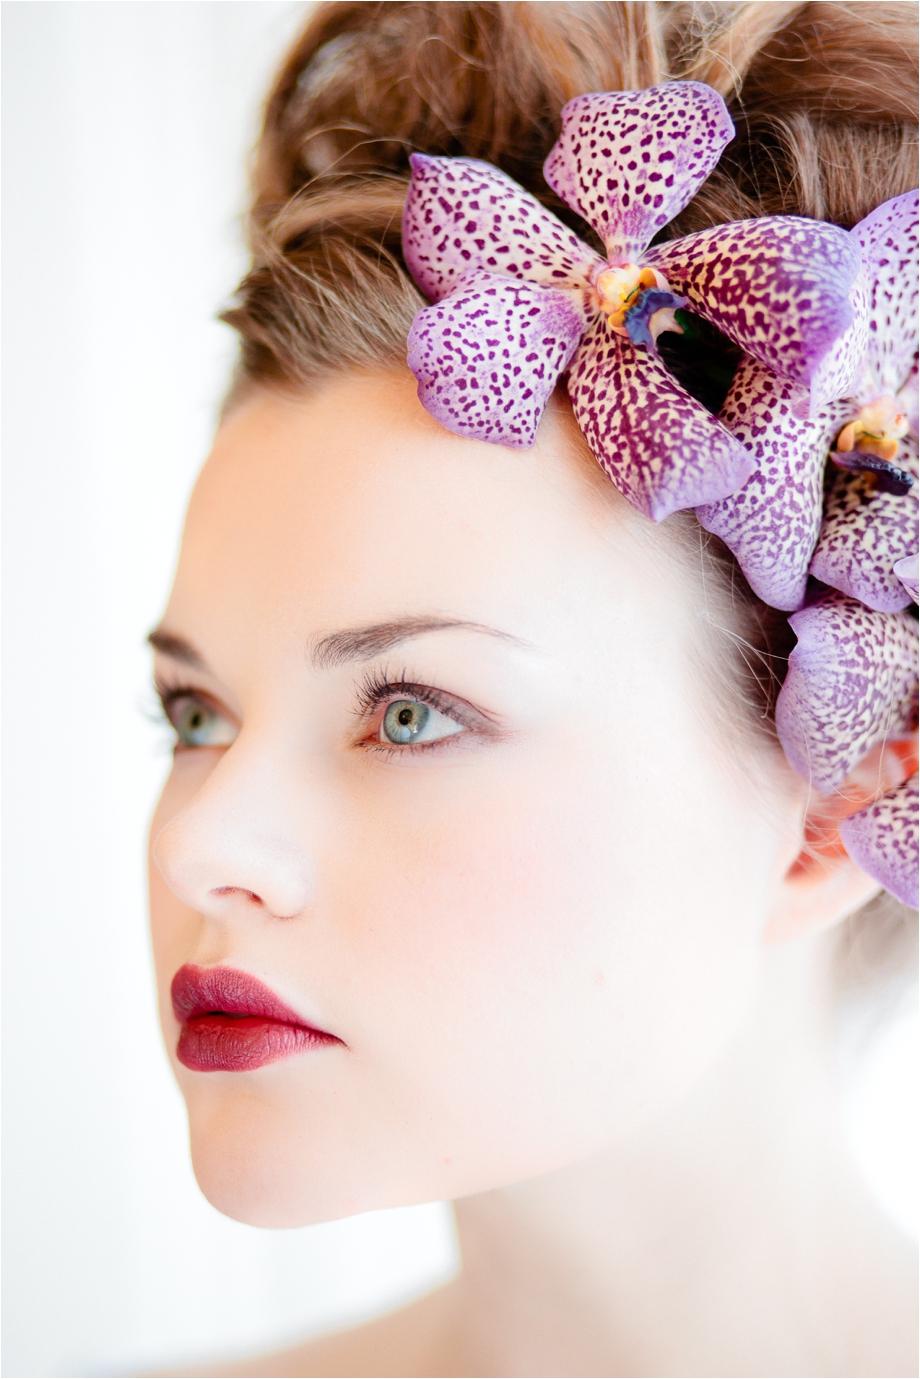 065_eddie-judd-photography-miss-bush-bridal-debutantes_0757_FB